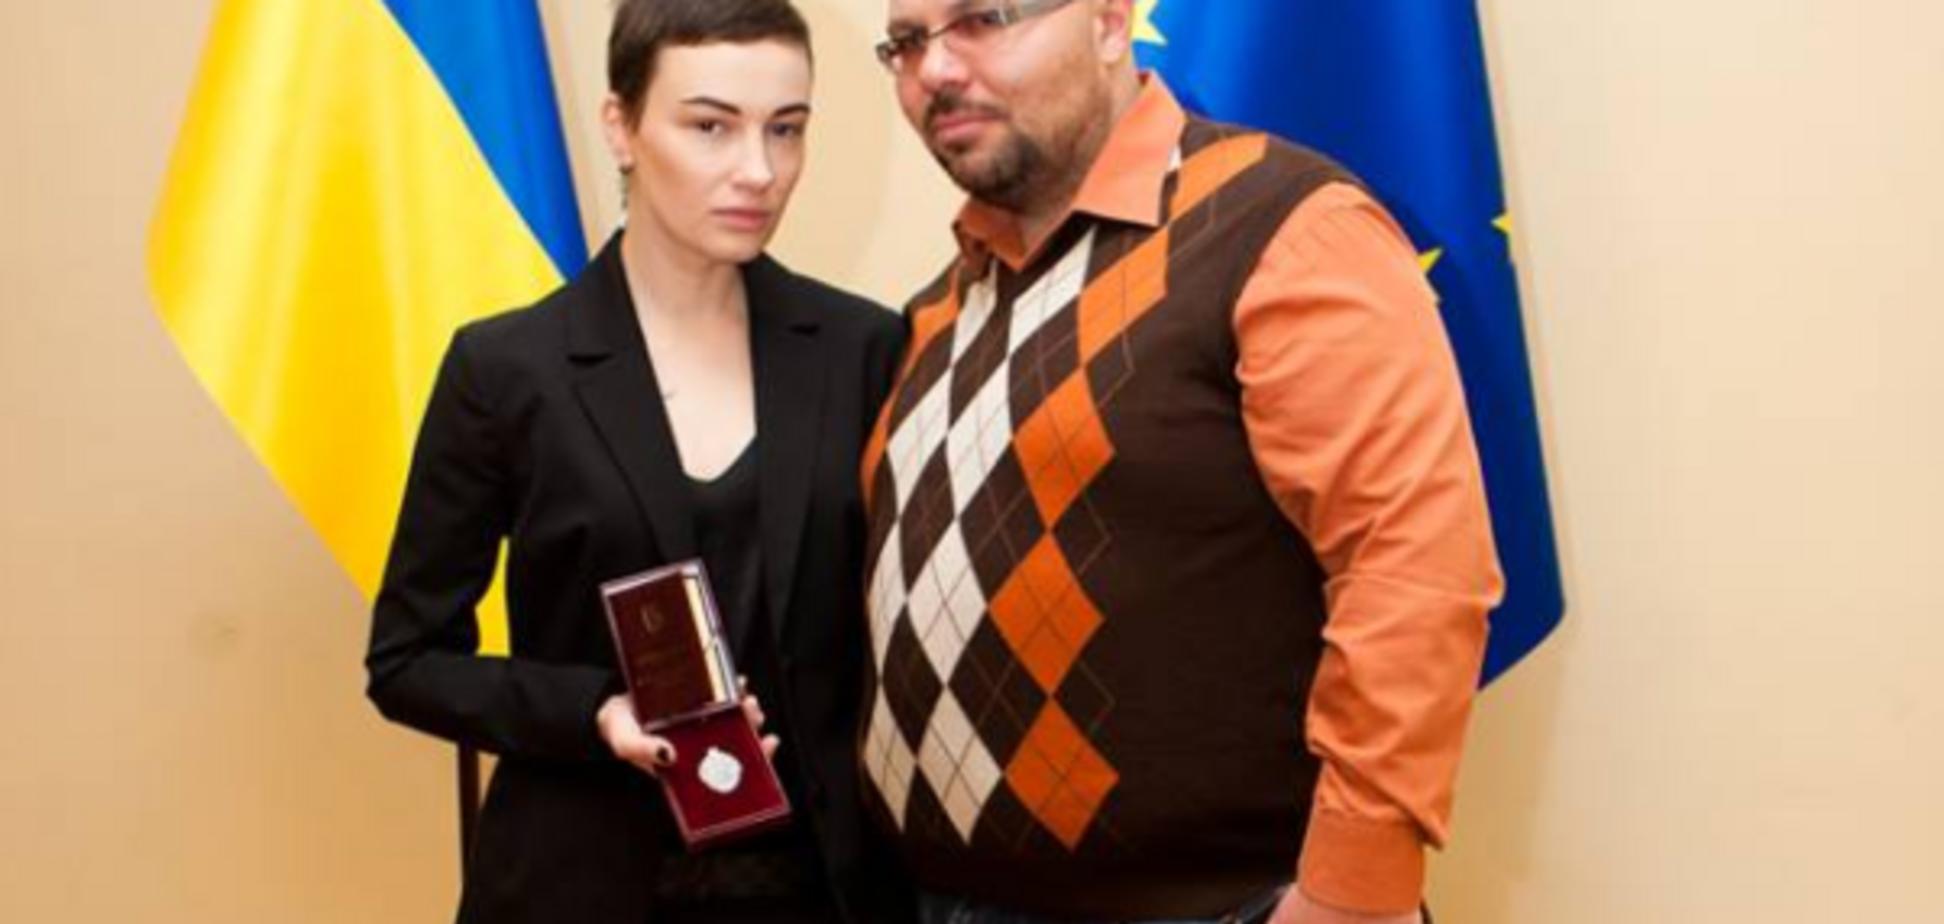 ''Нет слов'': экс-менеджер Приходько отреагировал на политический выпад певицы